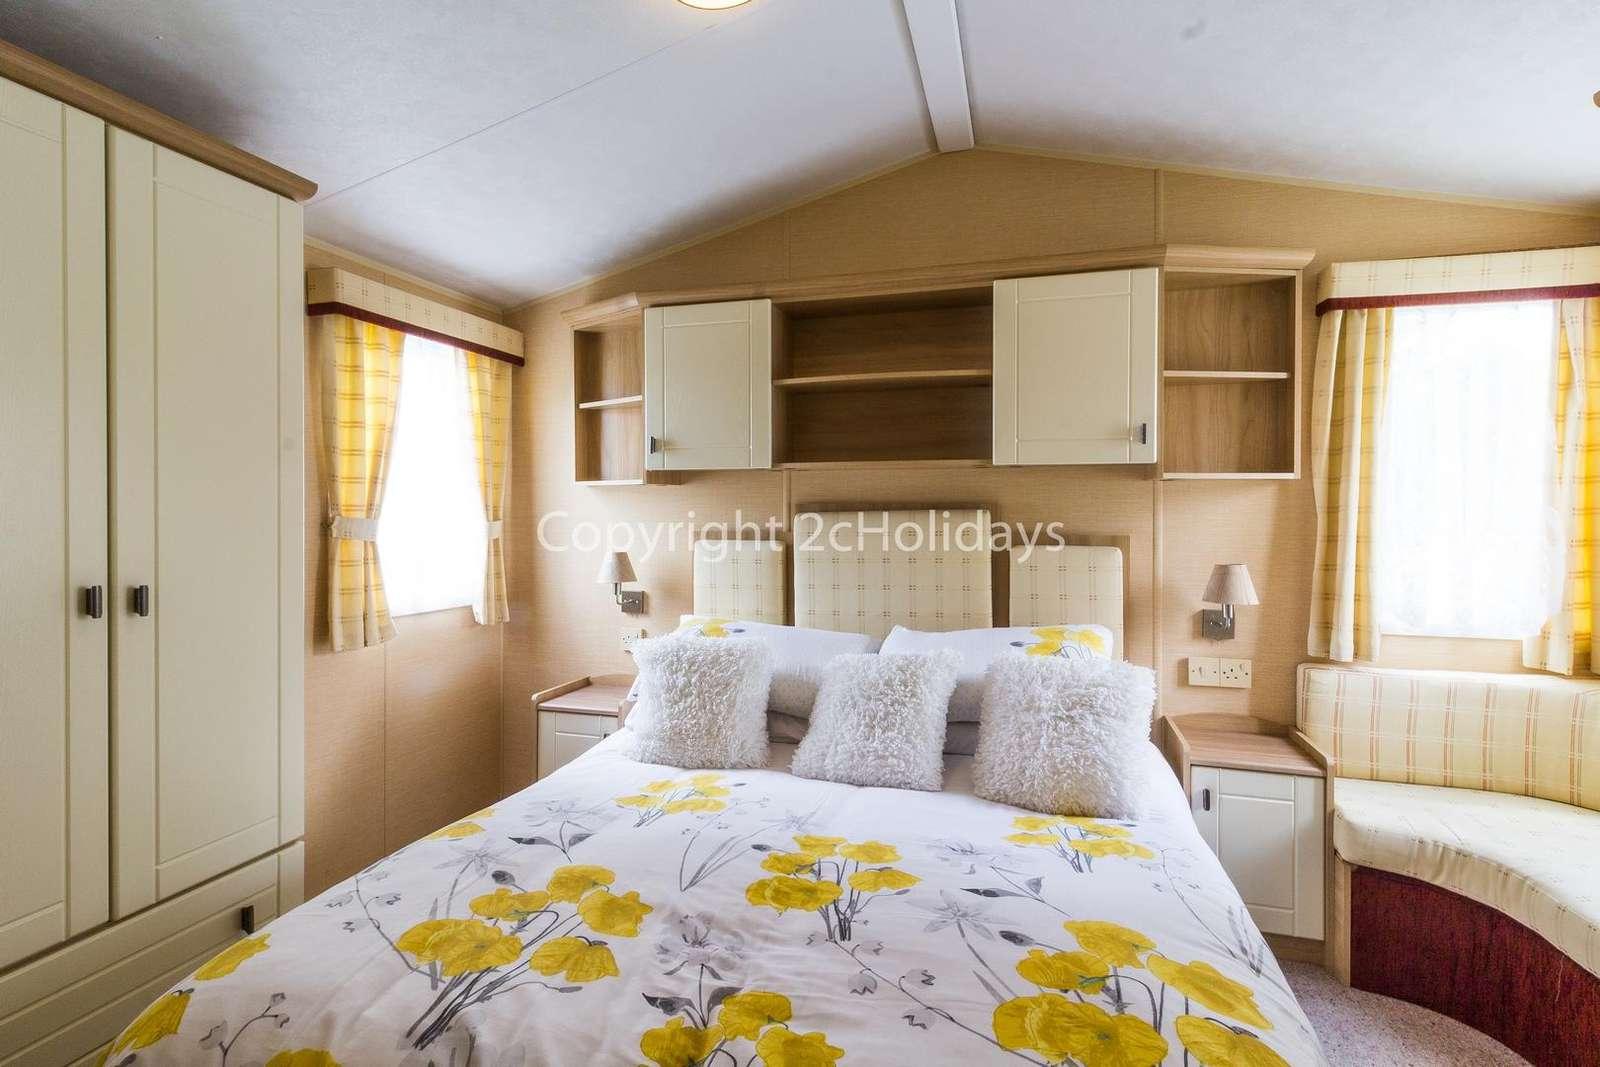 Stunning master bedroom!